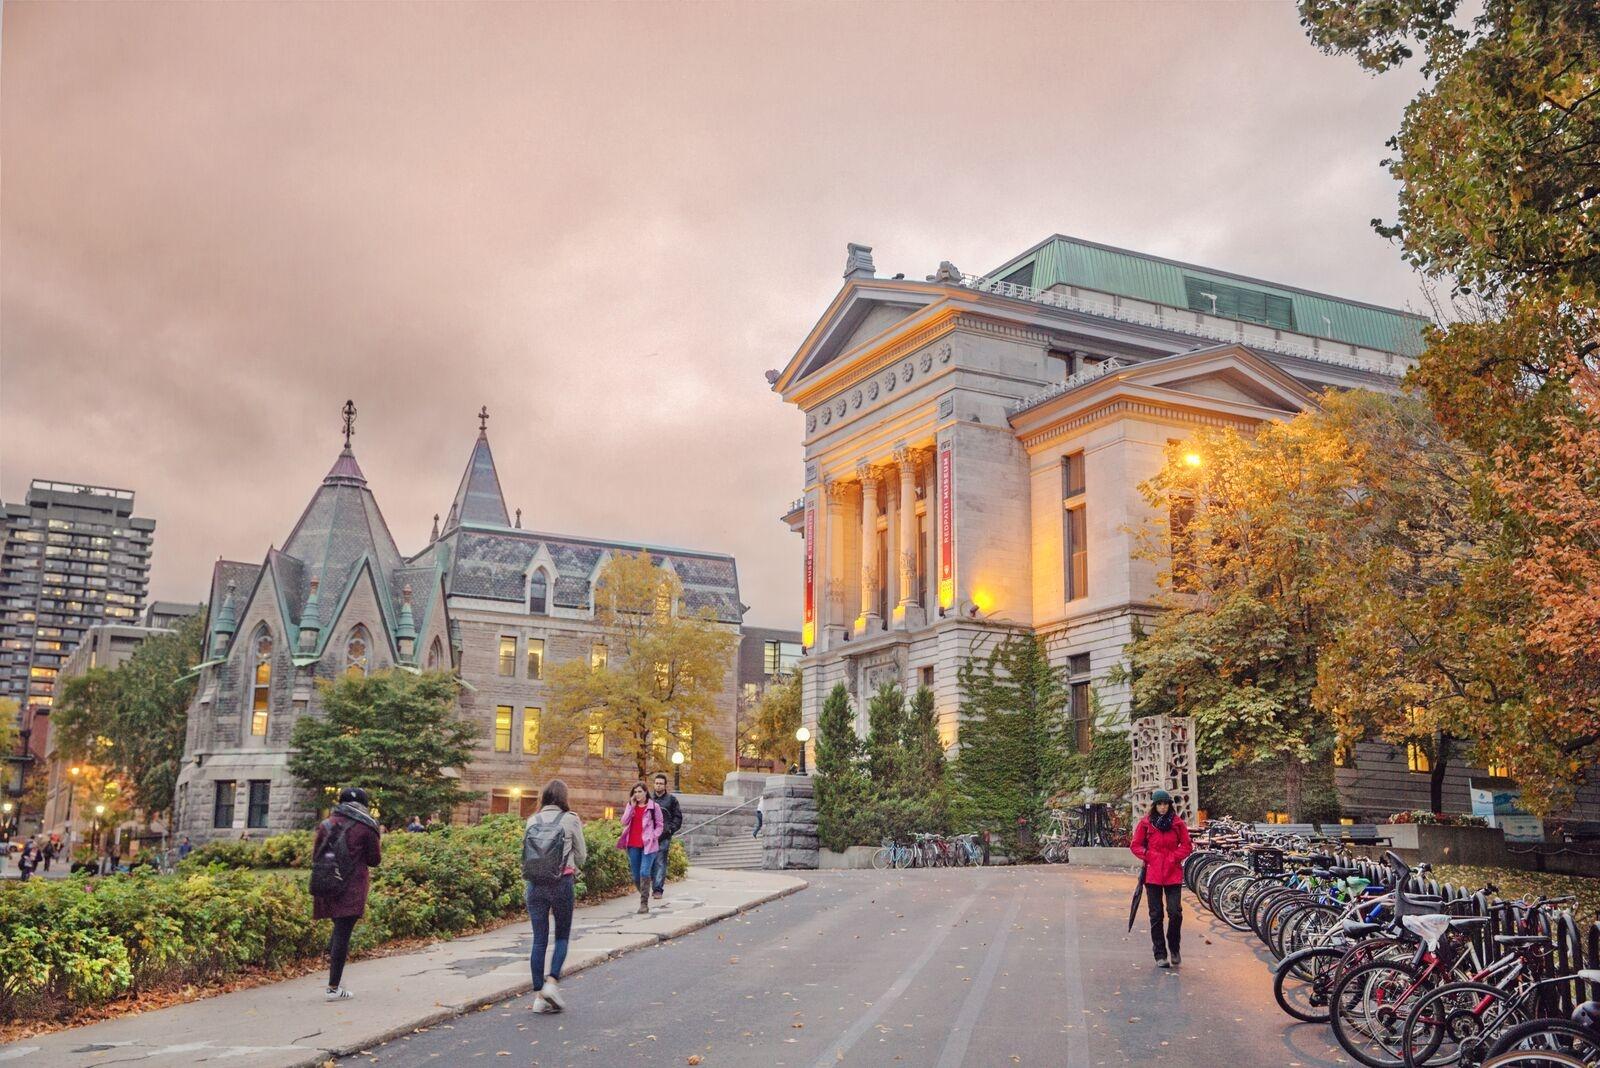 Chi phí du học Canada được đánh giá là tương đối thấp hơn so với các quốc gia phát triển như Anh, Mỹ, Úc.